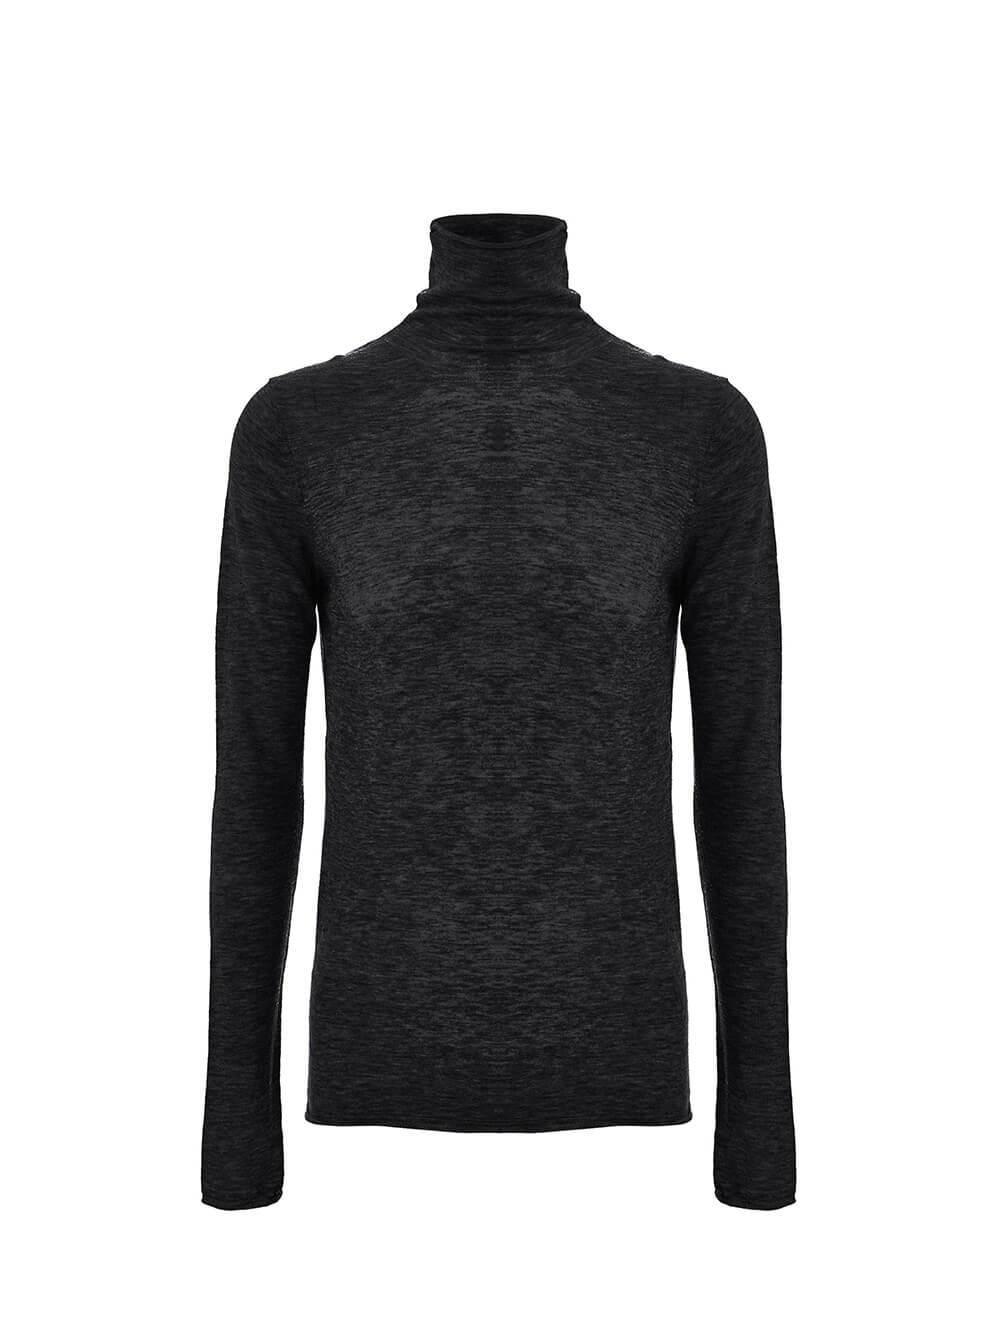 Женский джемпер черного цвета из 100% шерсти - фото 1